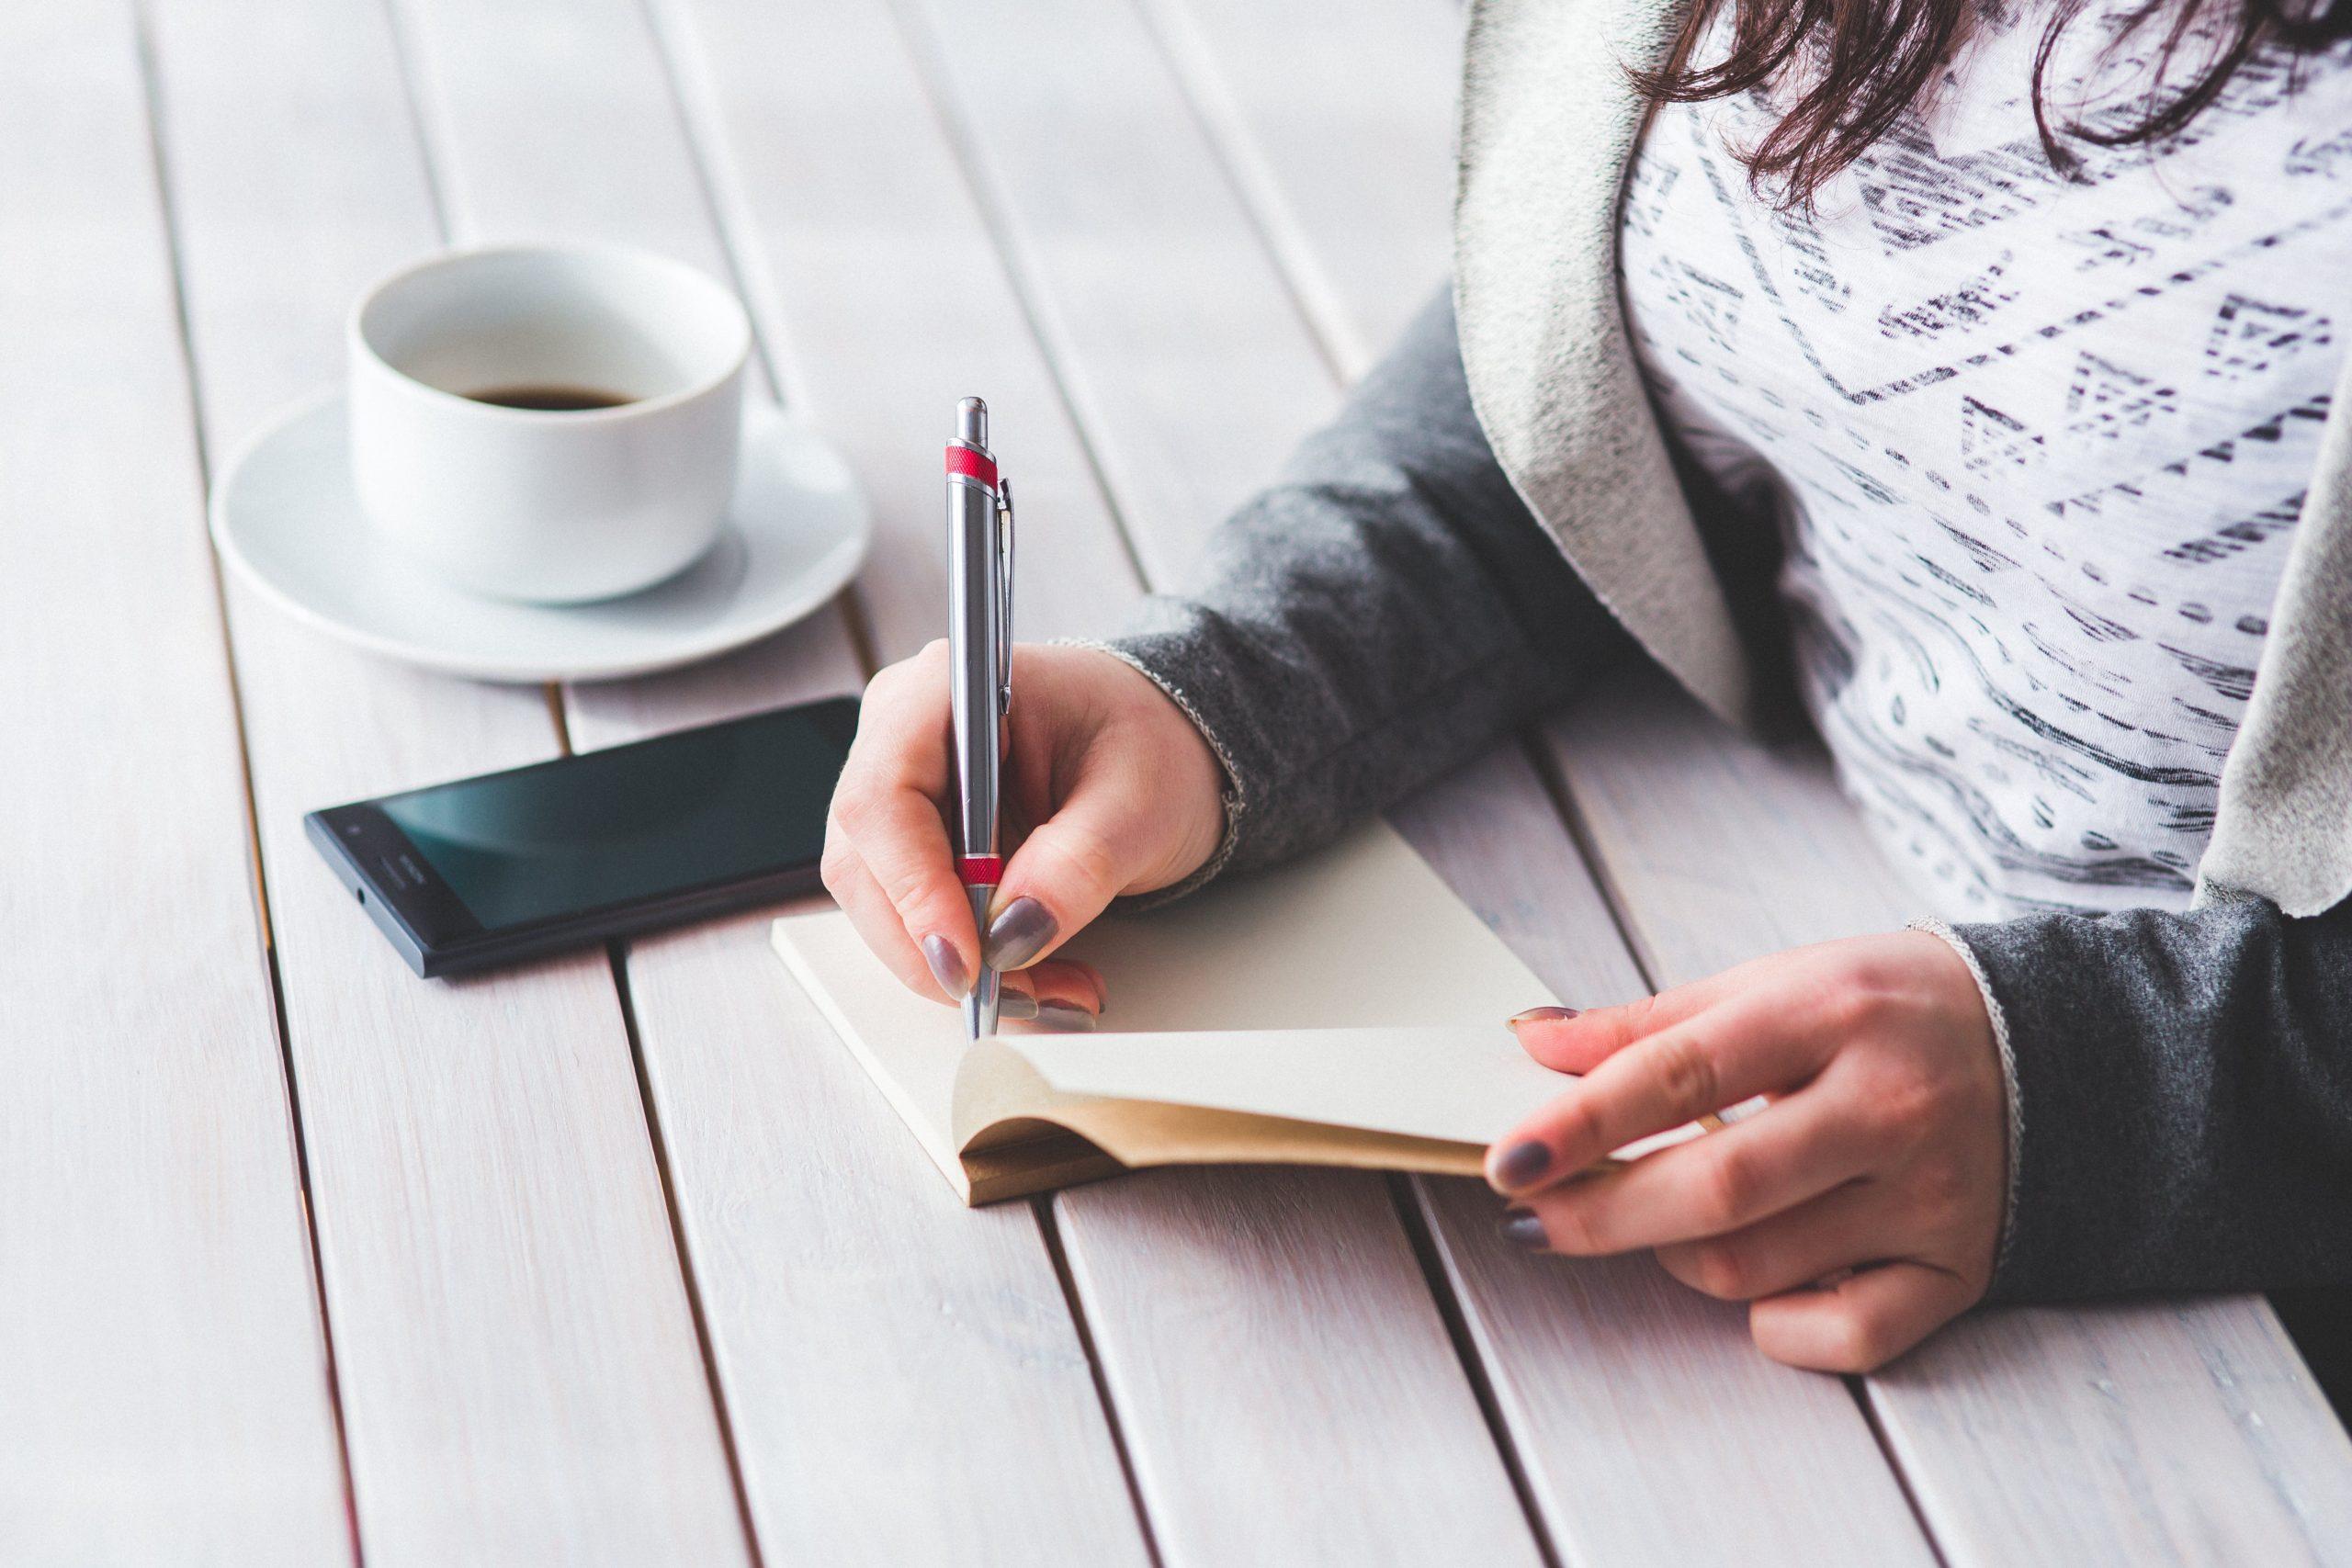 hender, journal, kaffe